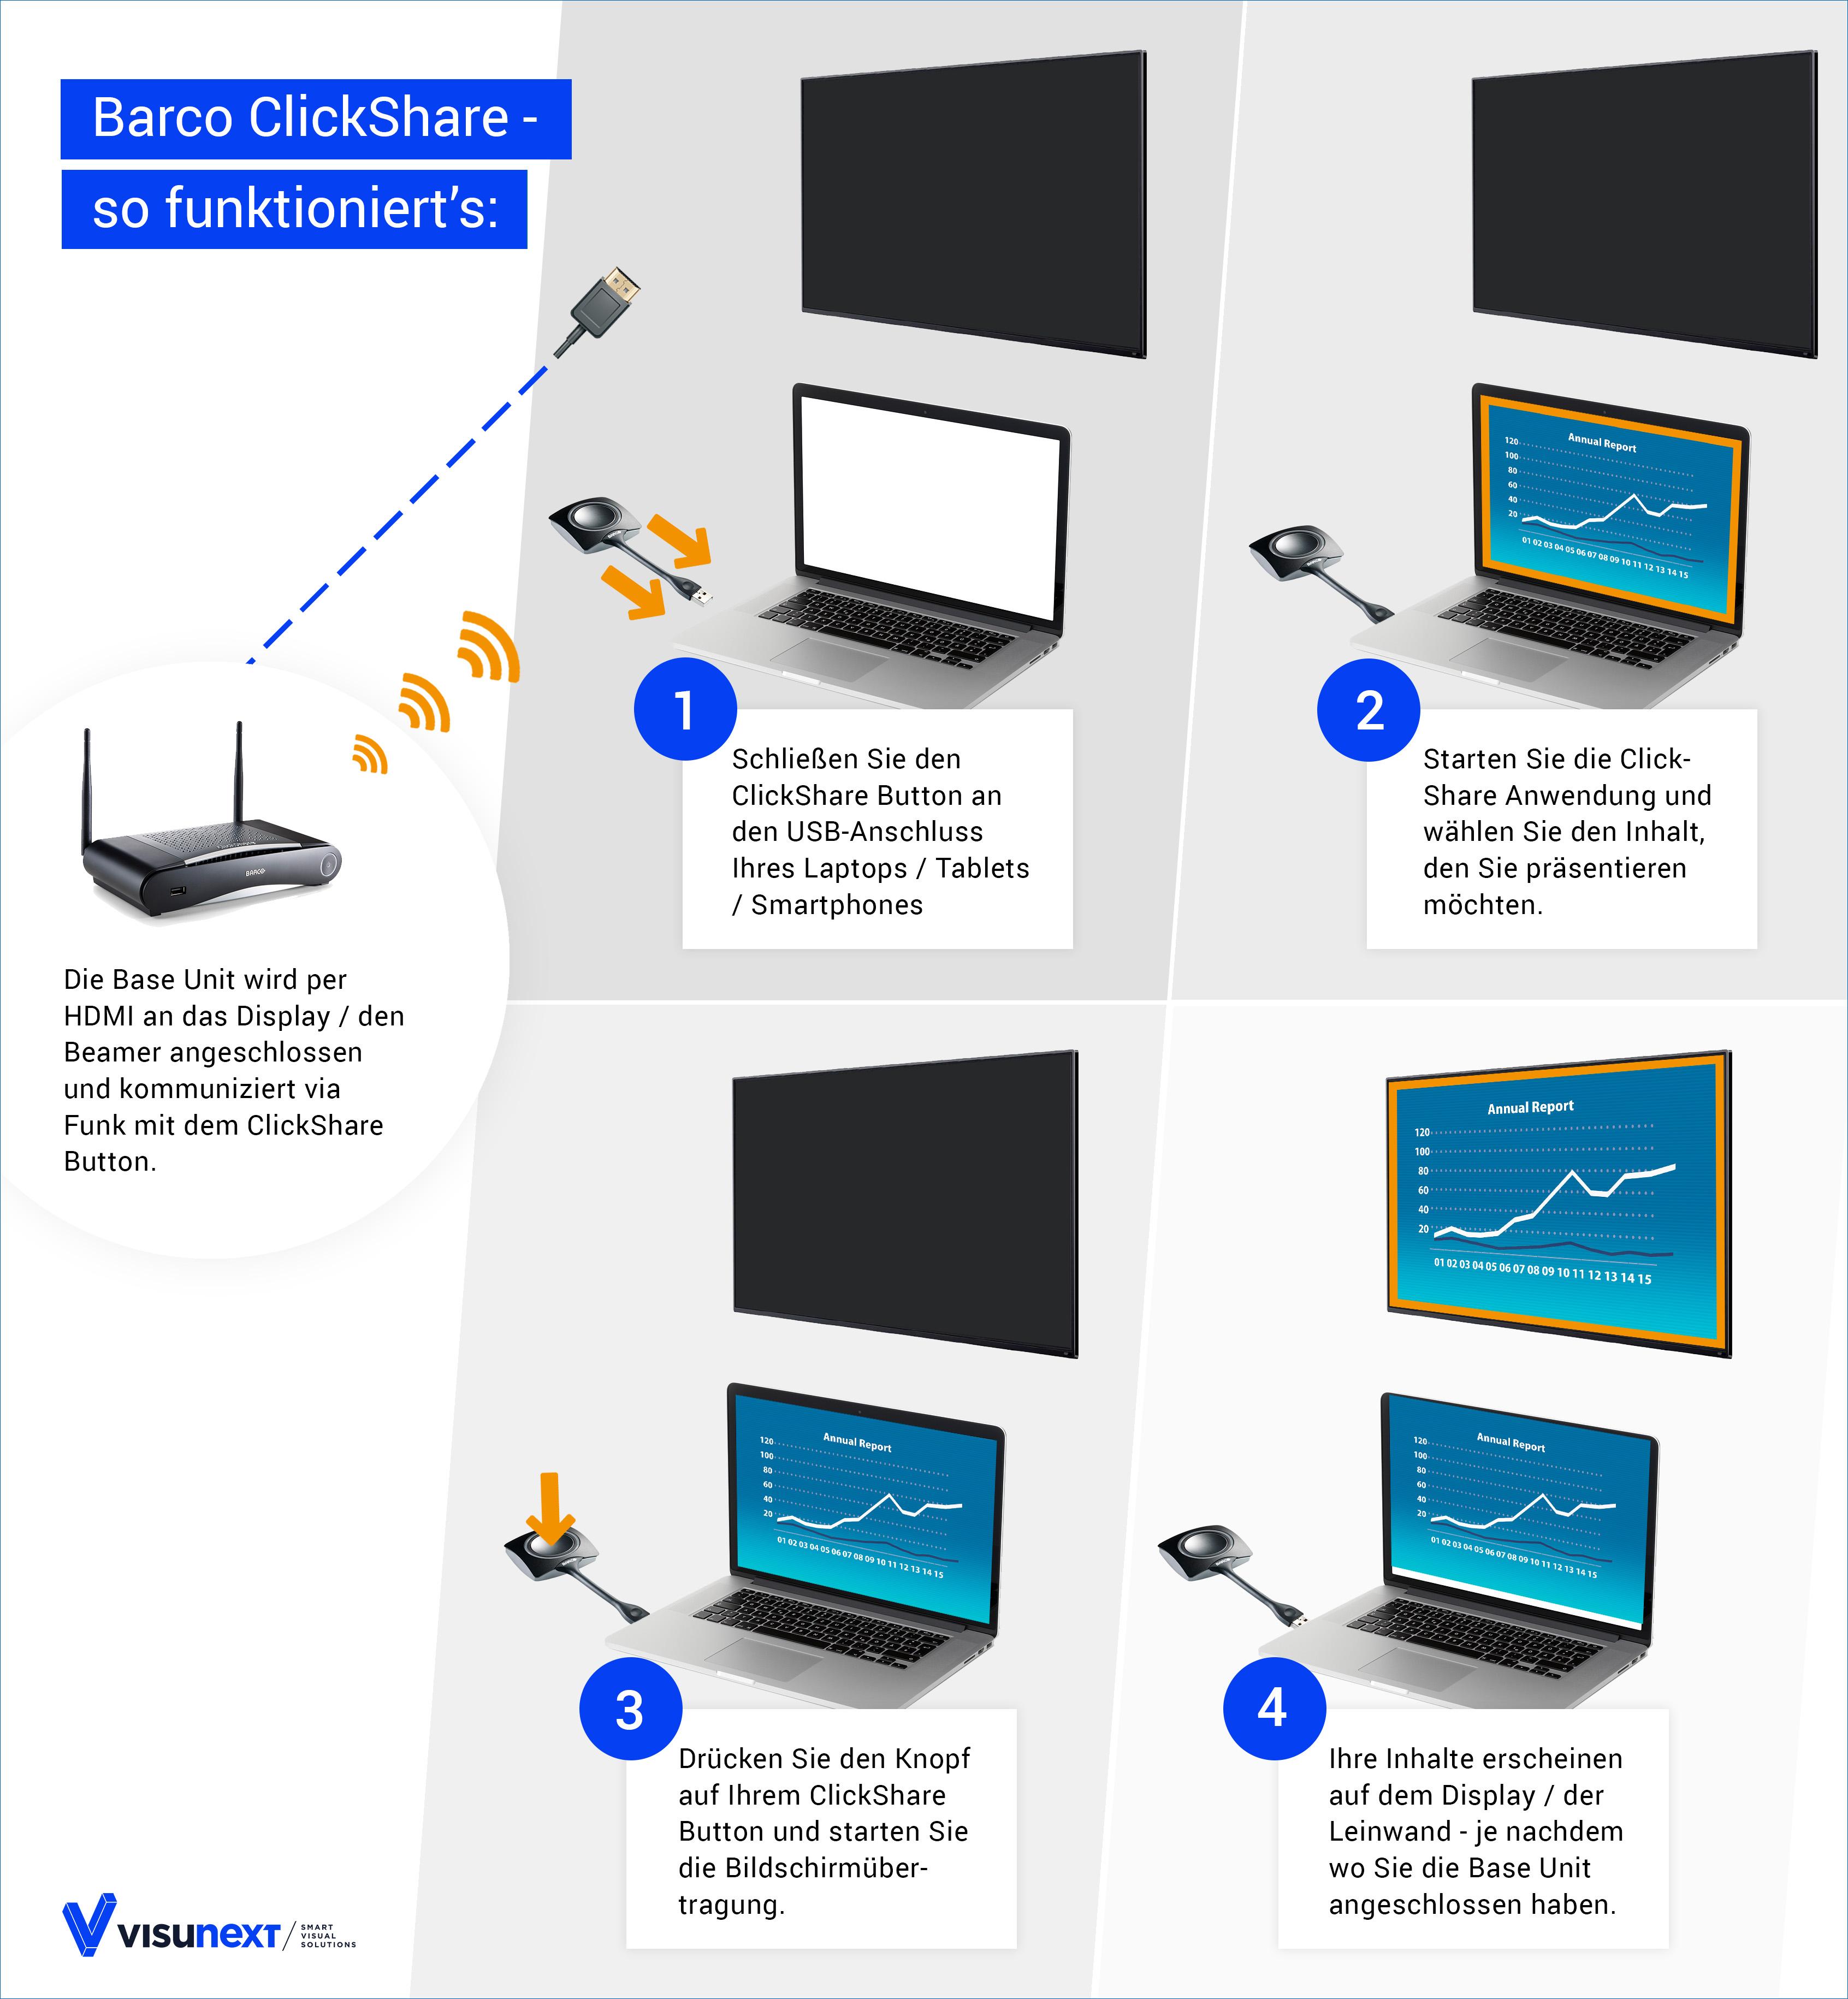 Die Funktionsweise der Barco ClickShare Systeme einfach erklärt